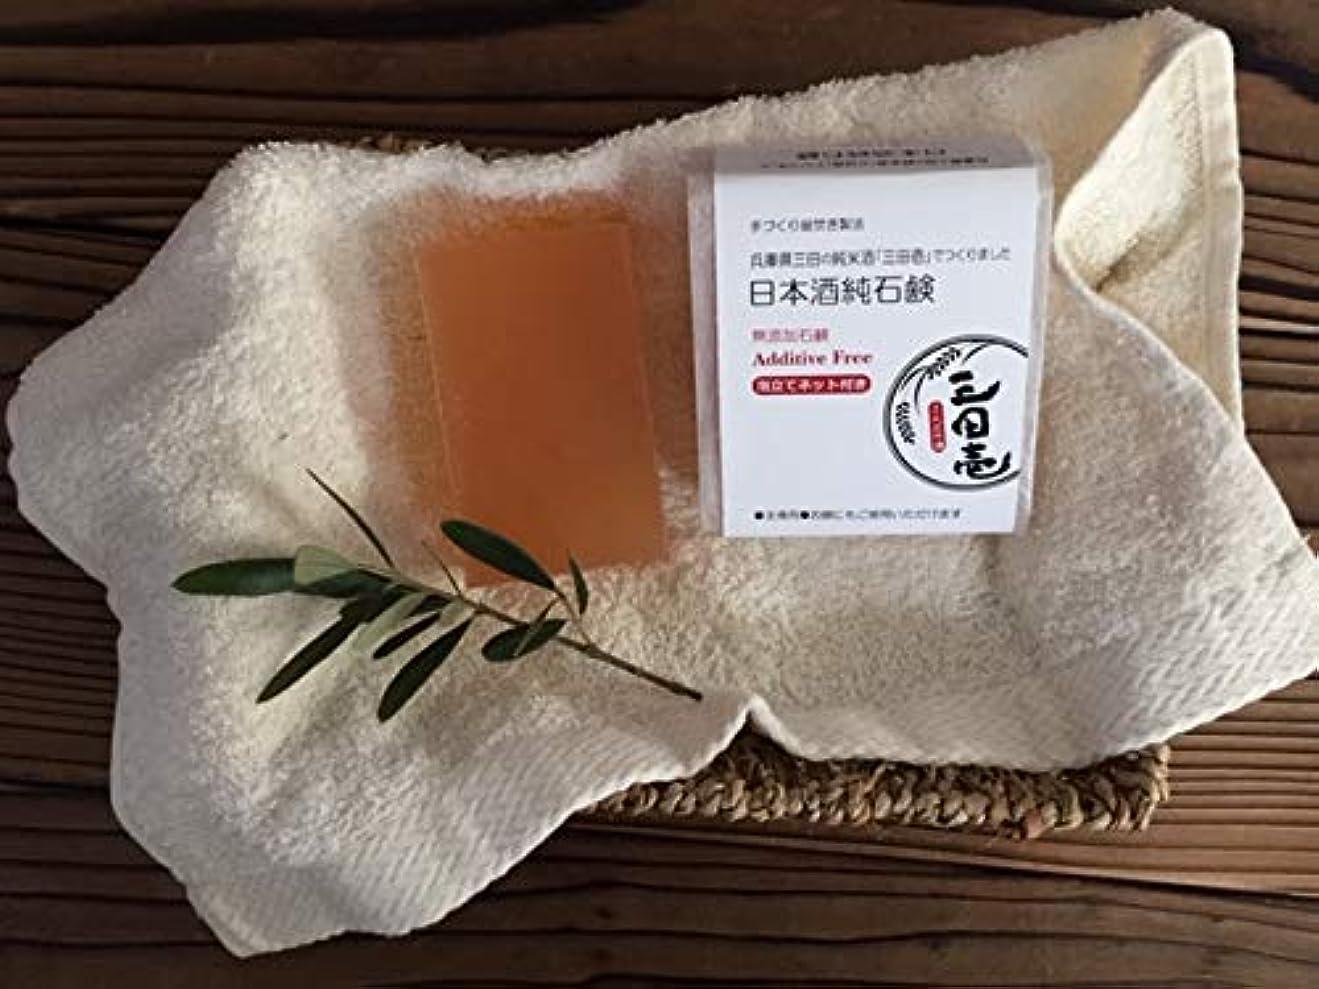 手づくり釜焚き無添加石鹸 日本酒純石鹸 お徳用バスサイズ 兵庫県三田の純米酒  三田壱  と三田米の米ぬかをたっぷり配合しました